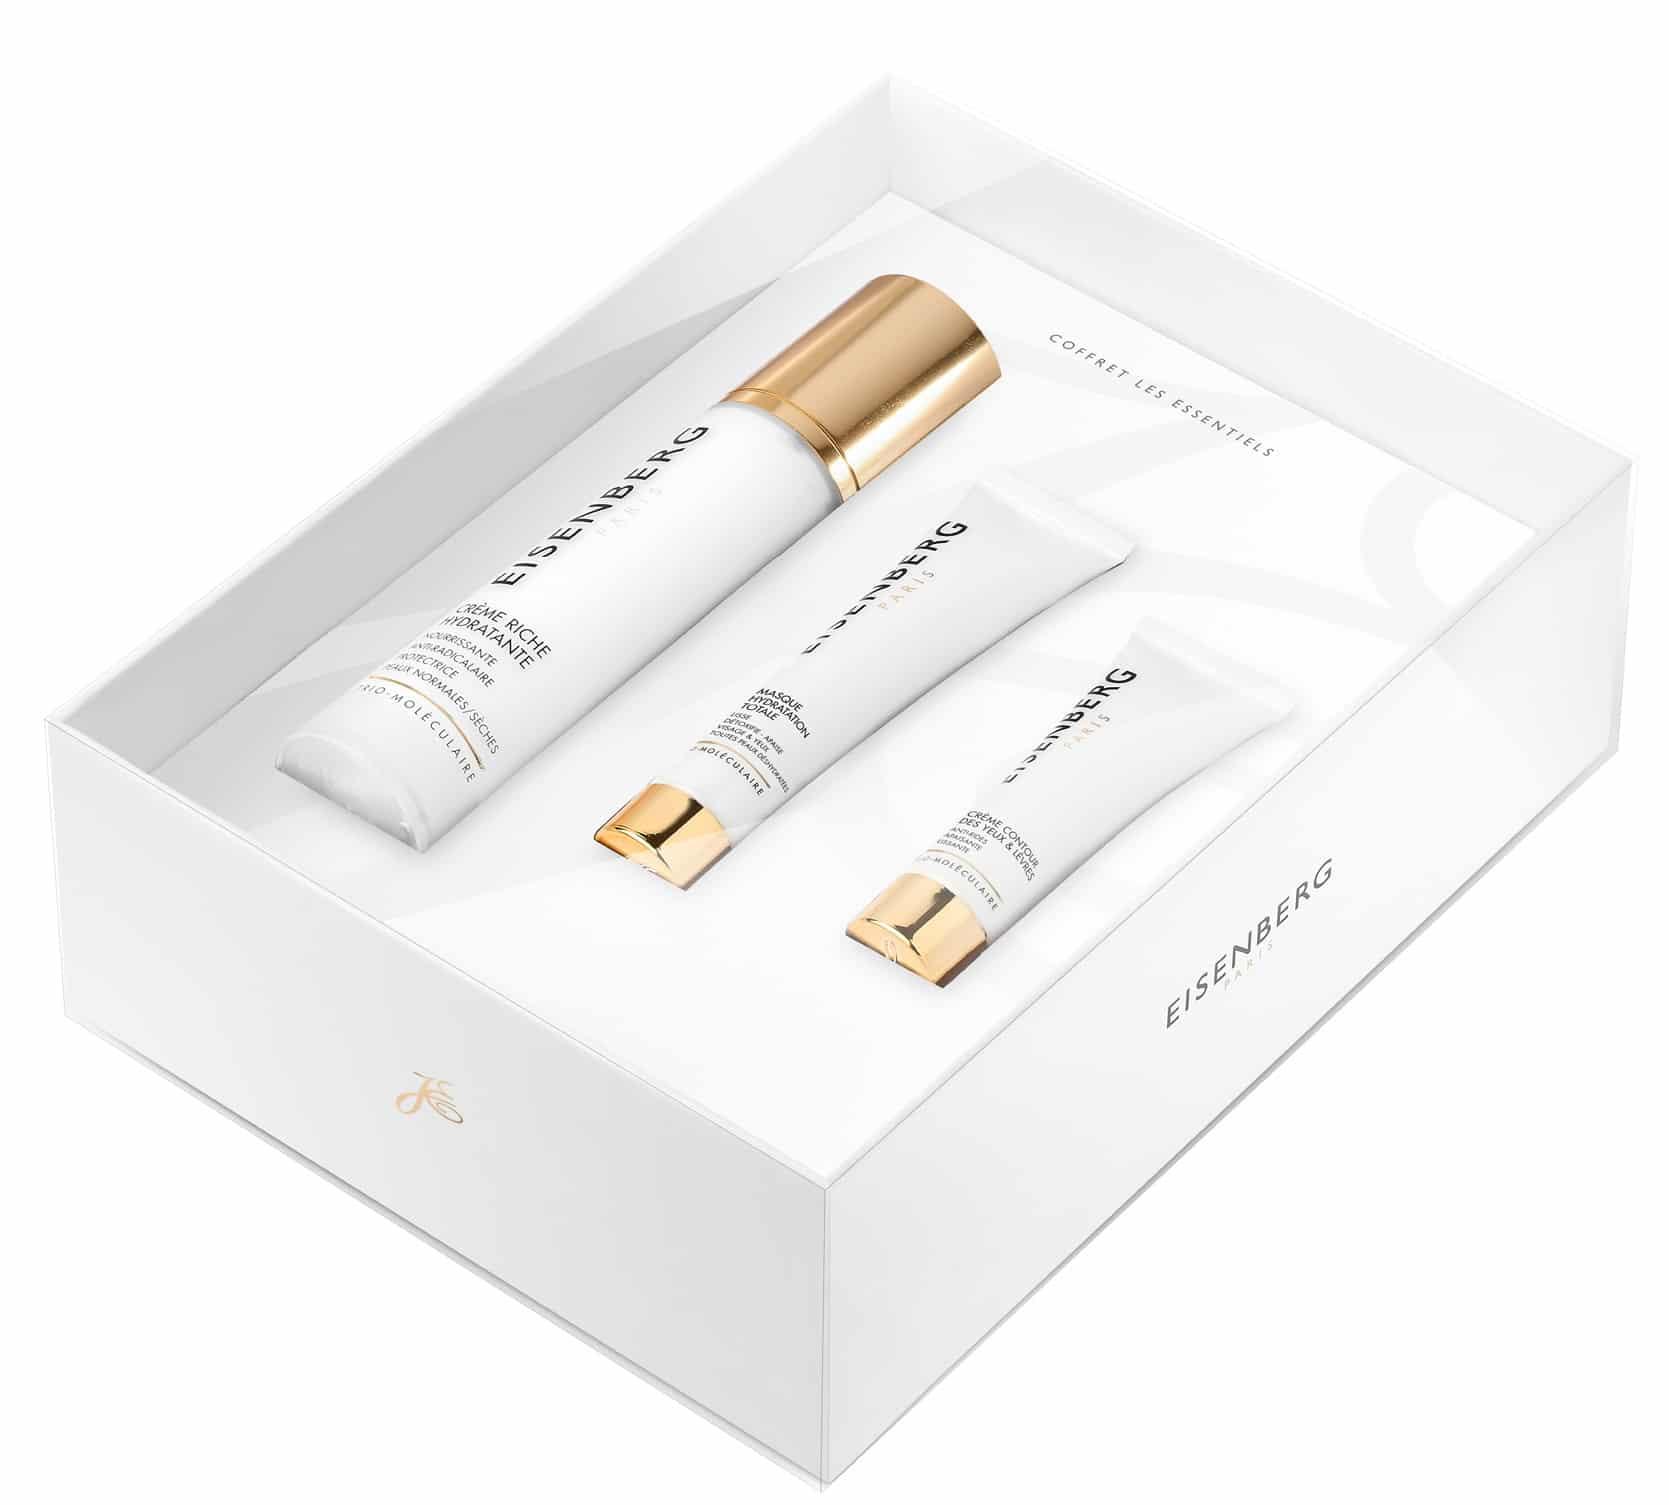 Idee regalo luxury - Cofanetti natalizi Eisenberg beauty e skincare - Gli essenziali: info, prezzi, dove acquistare